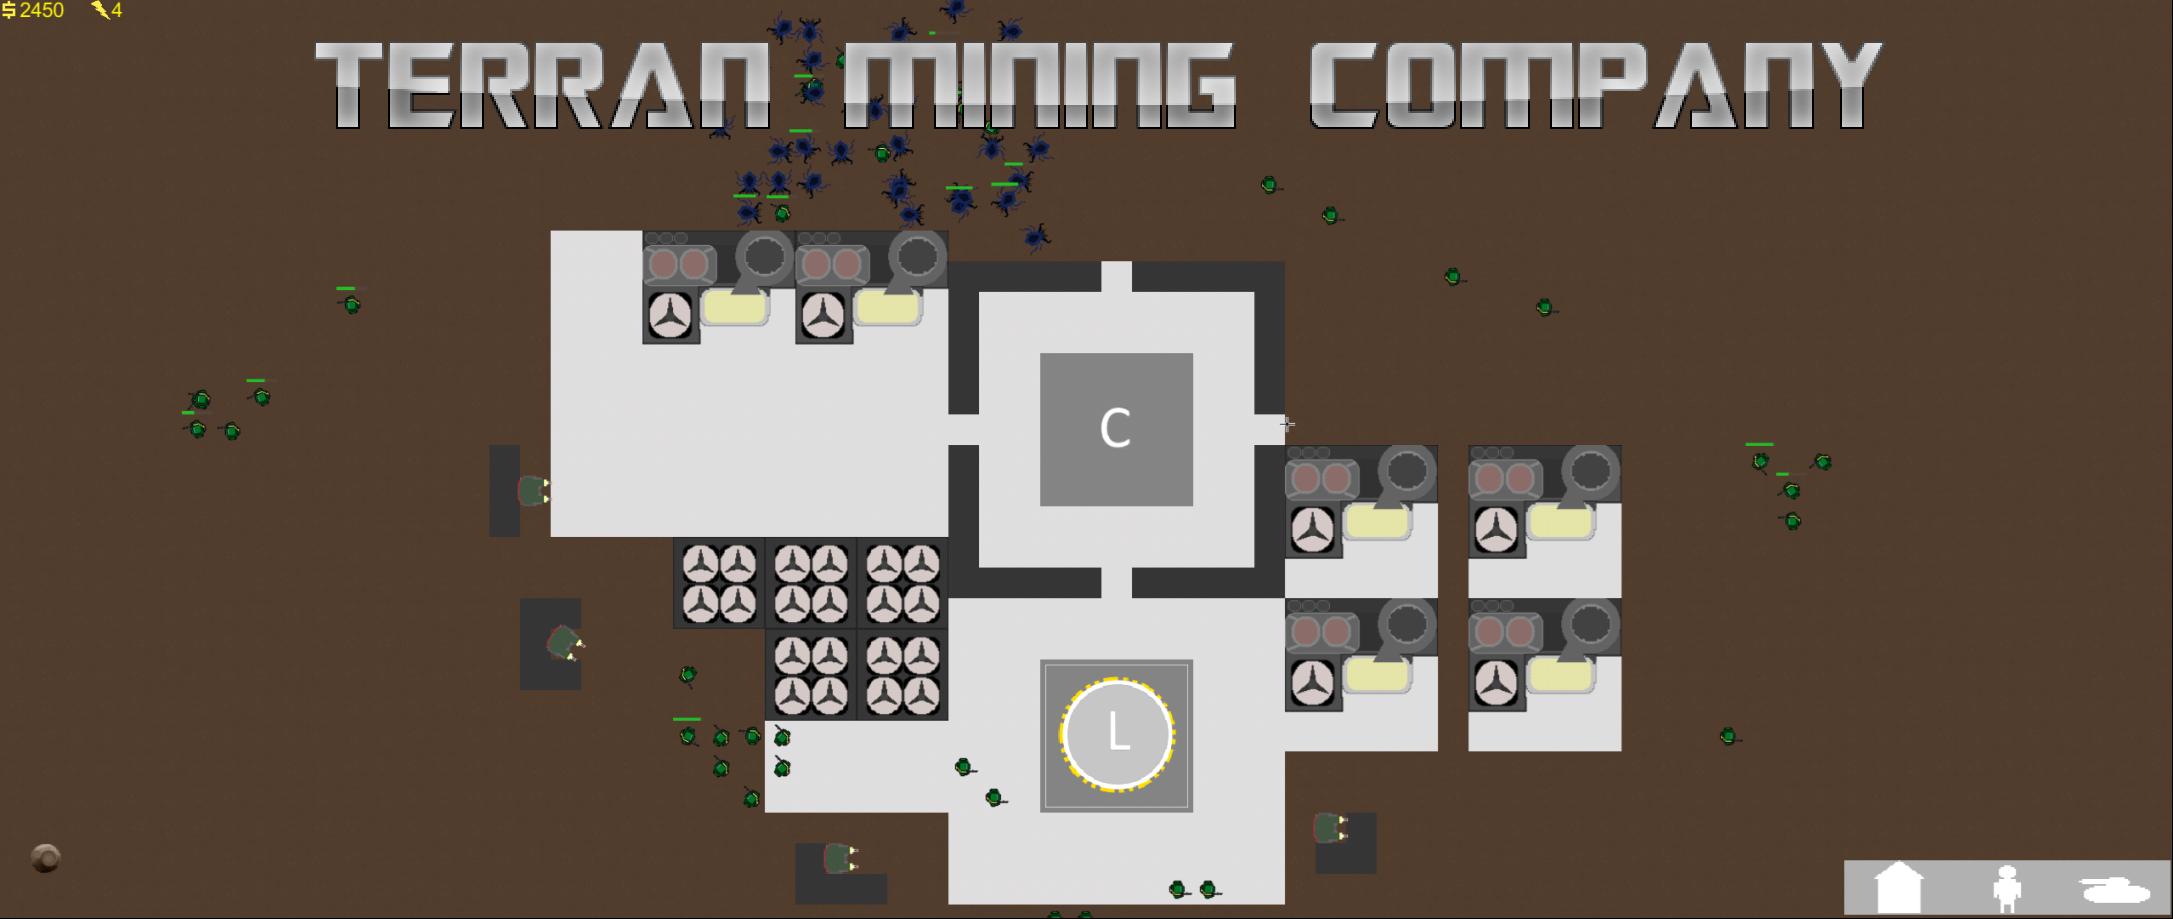 Terran Mining Company